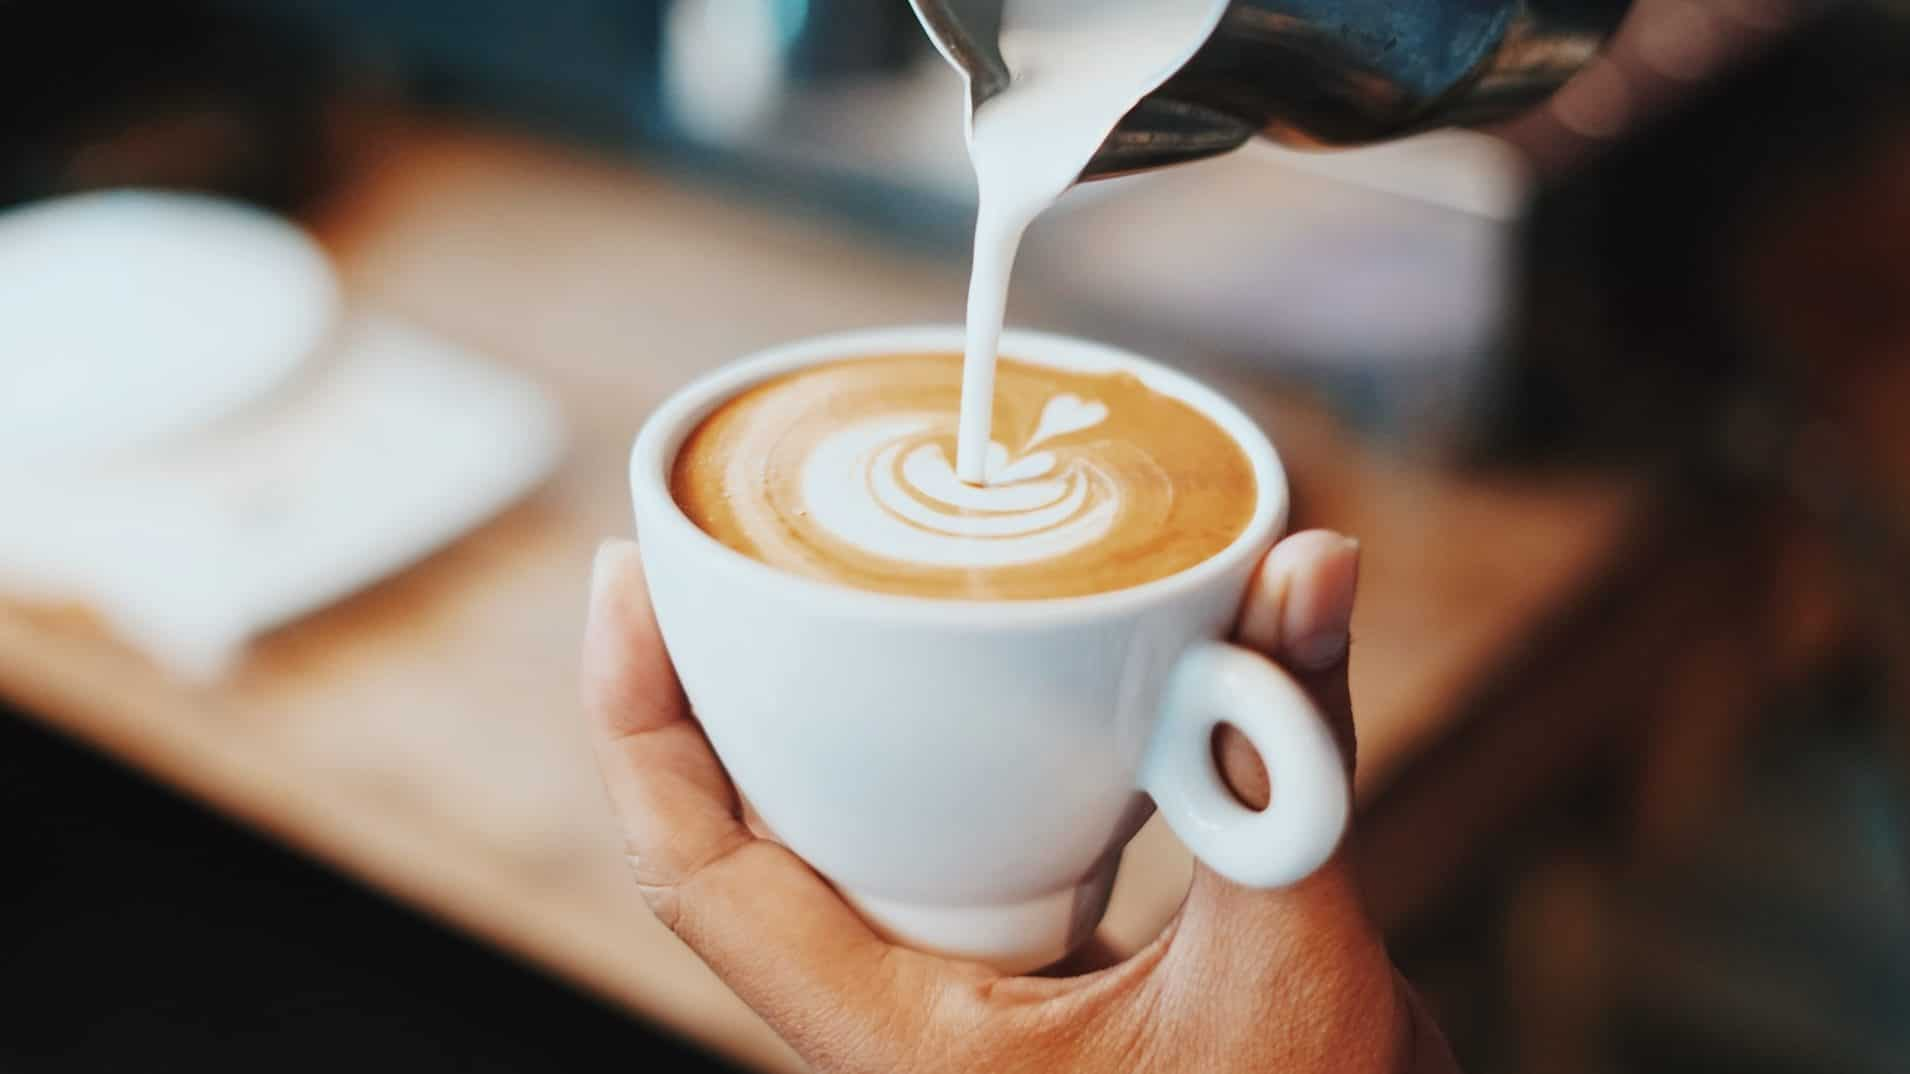 Kopje koffie met melkschuim wat geschonken wordt. Vooraanzicht.